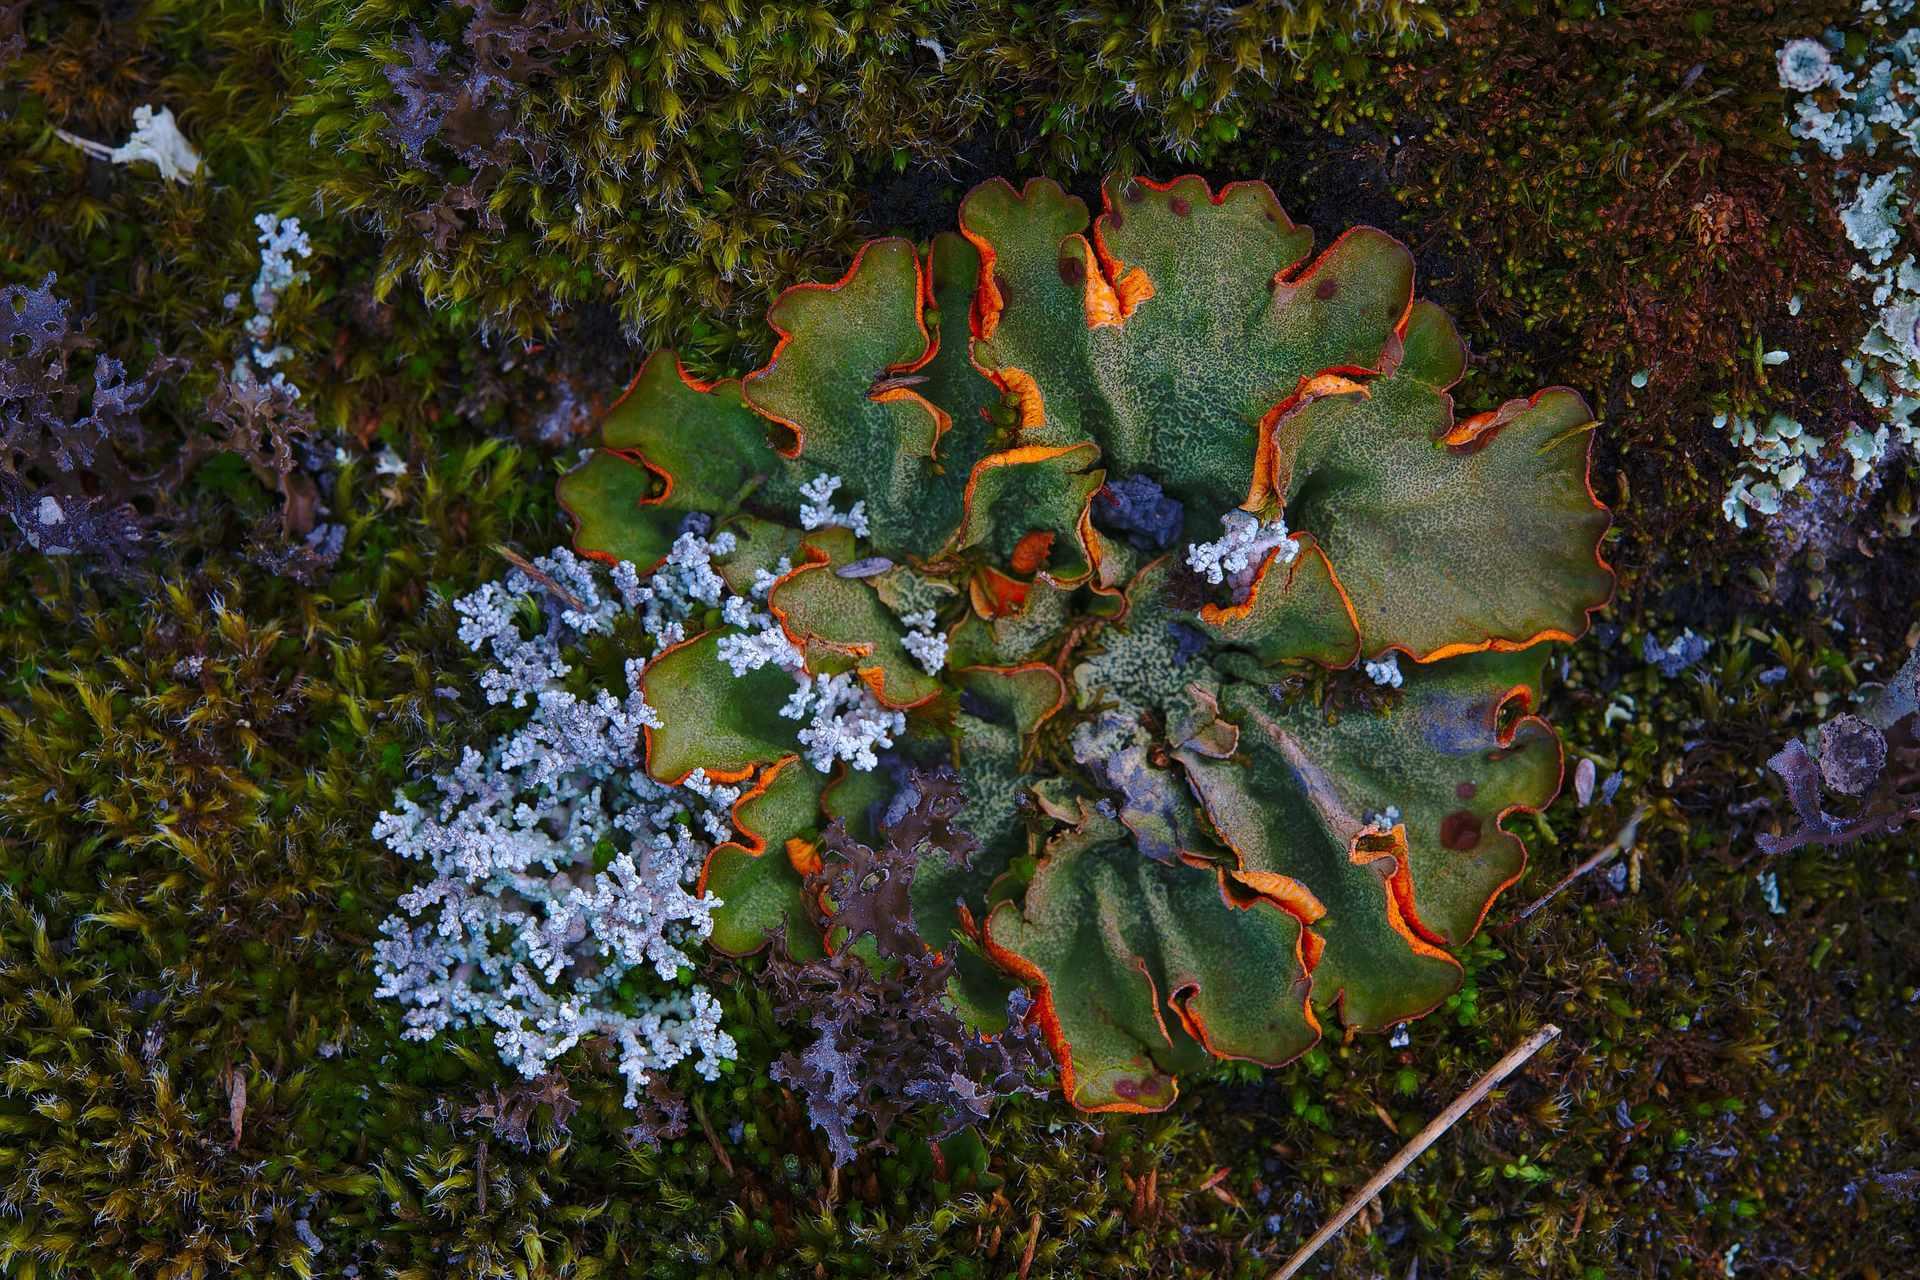 Close up of pretty moss and lichen